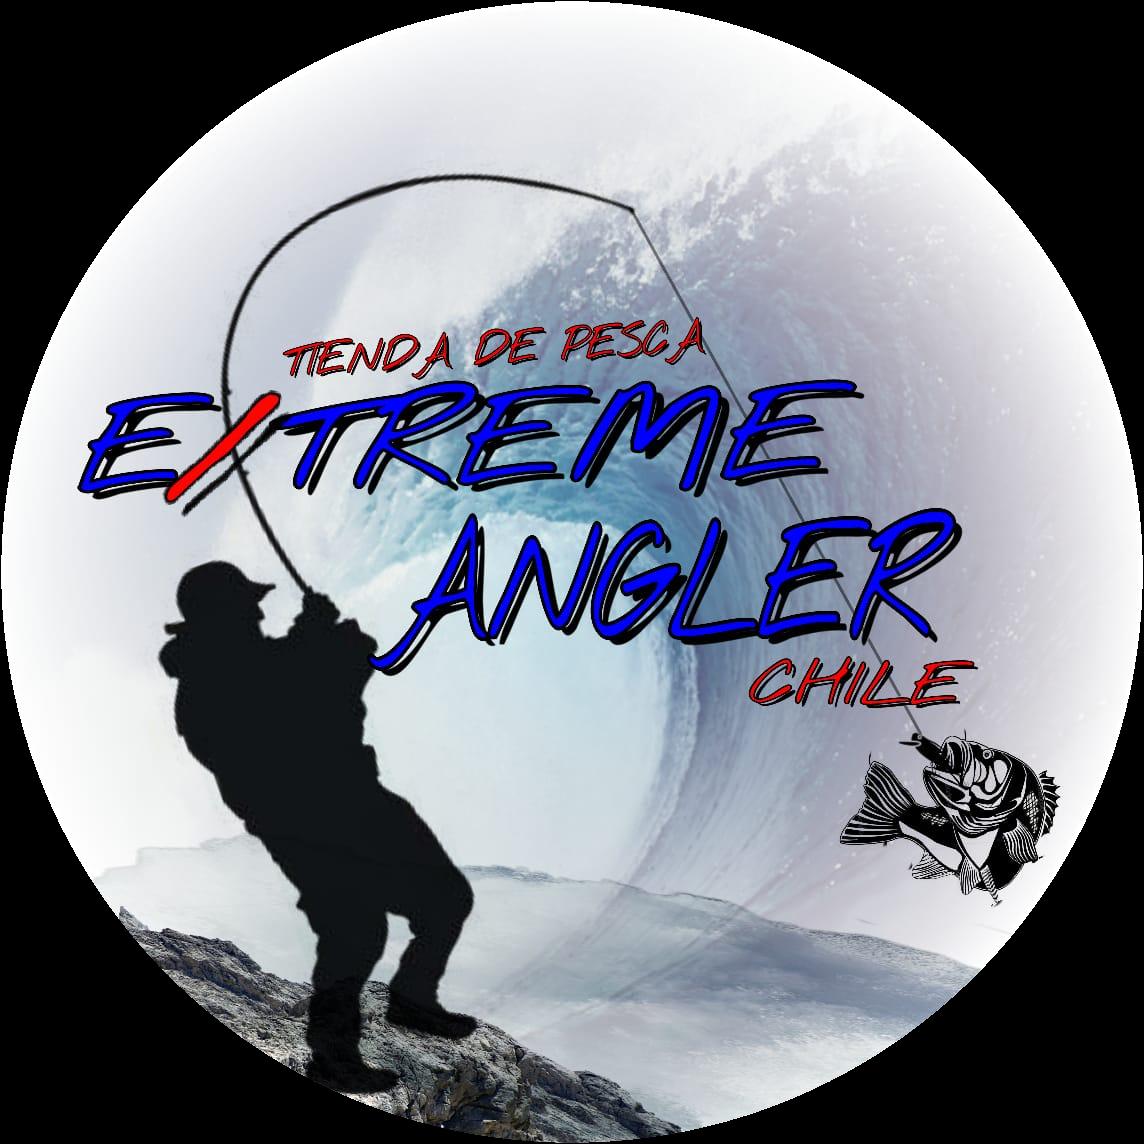 Extreme Angler